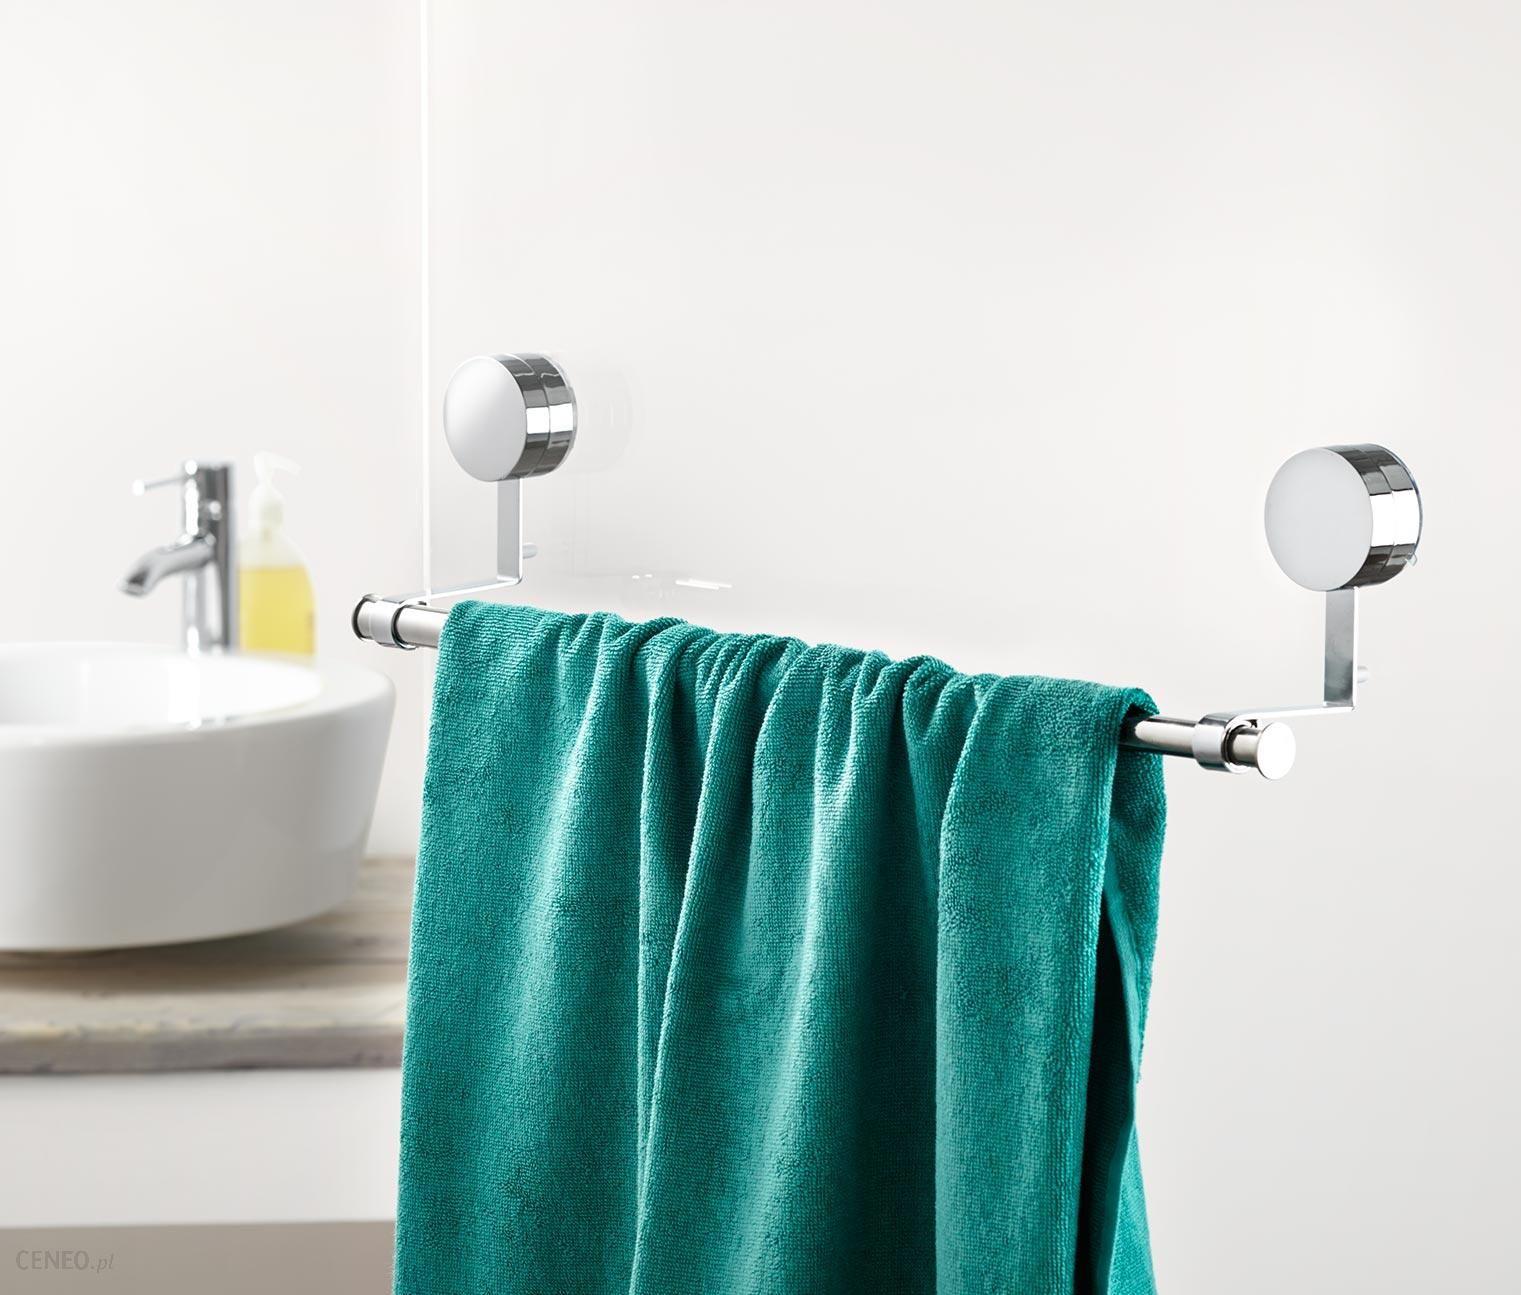 Tchibo Uchwyt Na Ręcznik Mocowany Na Przyssawki Opinie I Atrakcyjne Ceny Na Ceneopl